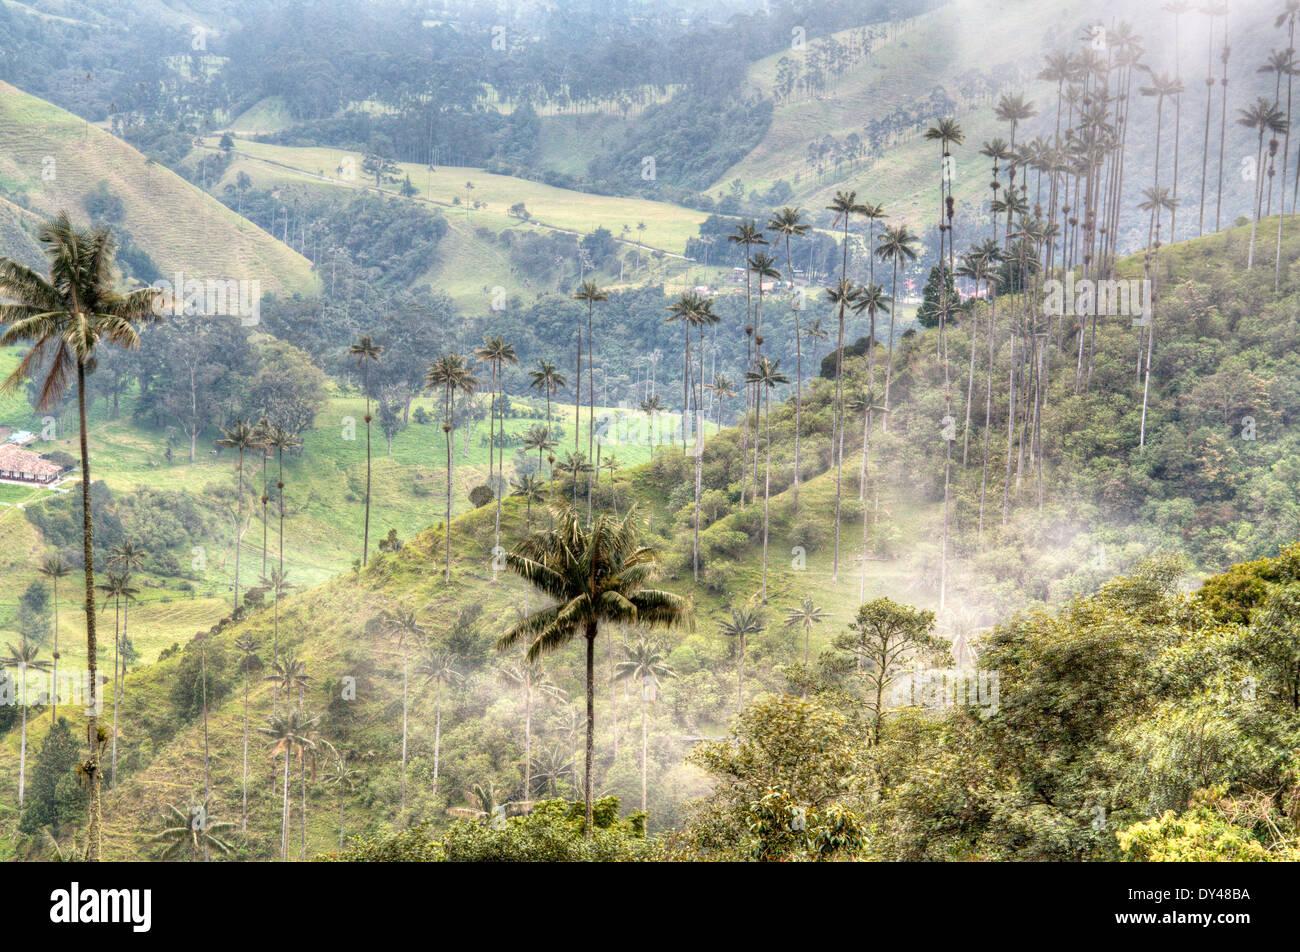 La vallée de Cocora près de Salento, Colombie Photo Stock